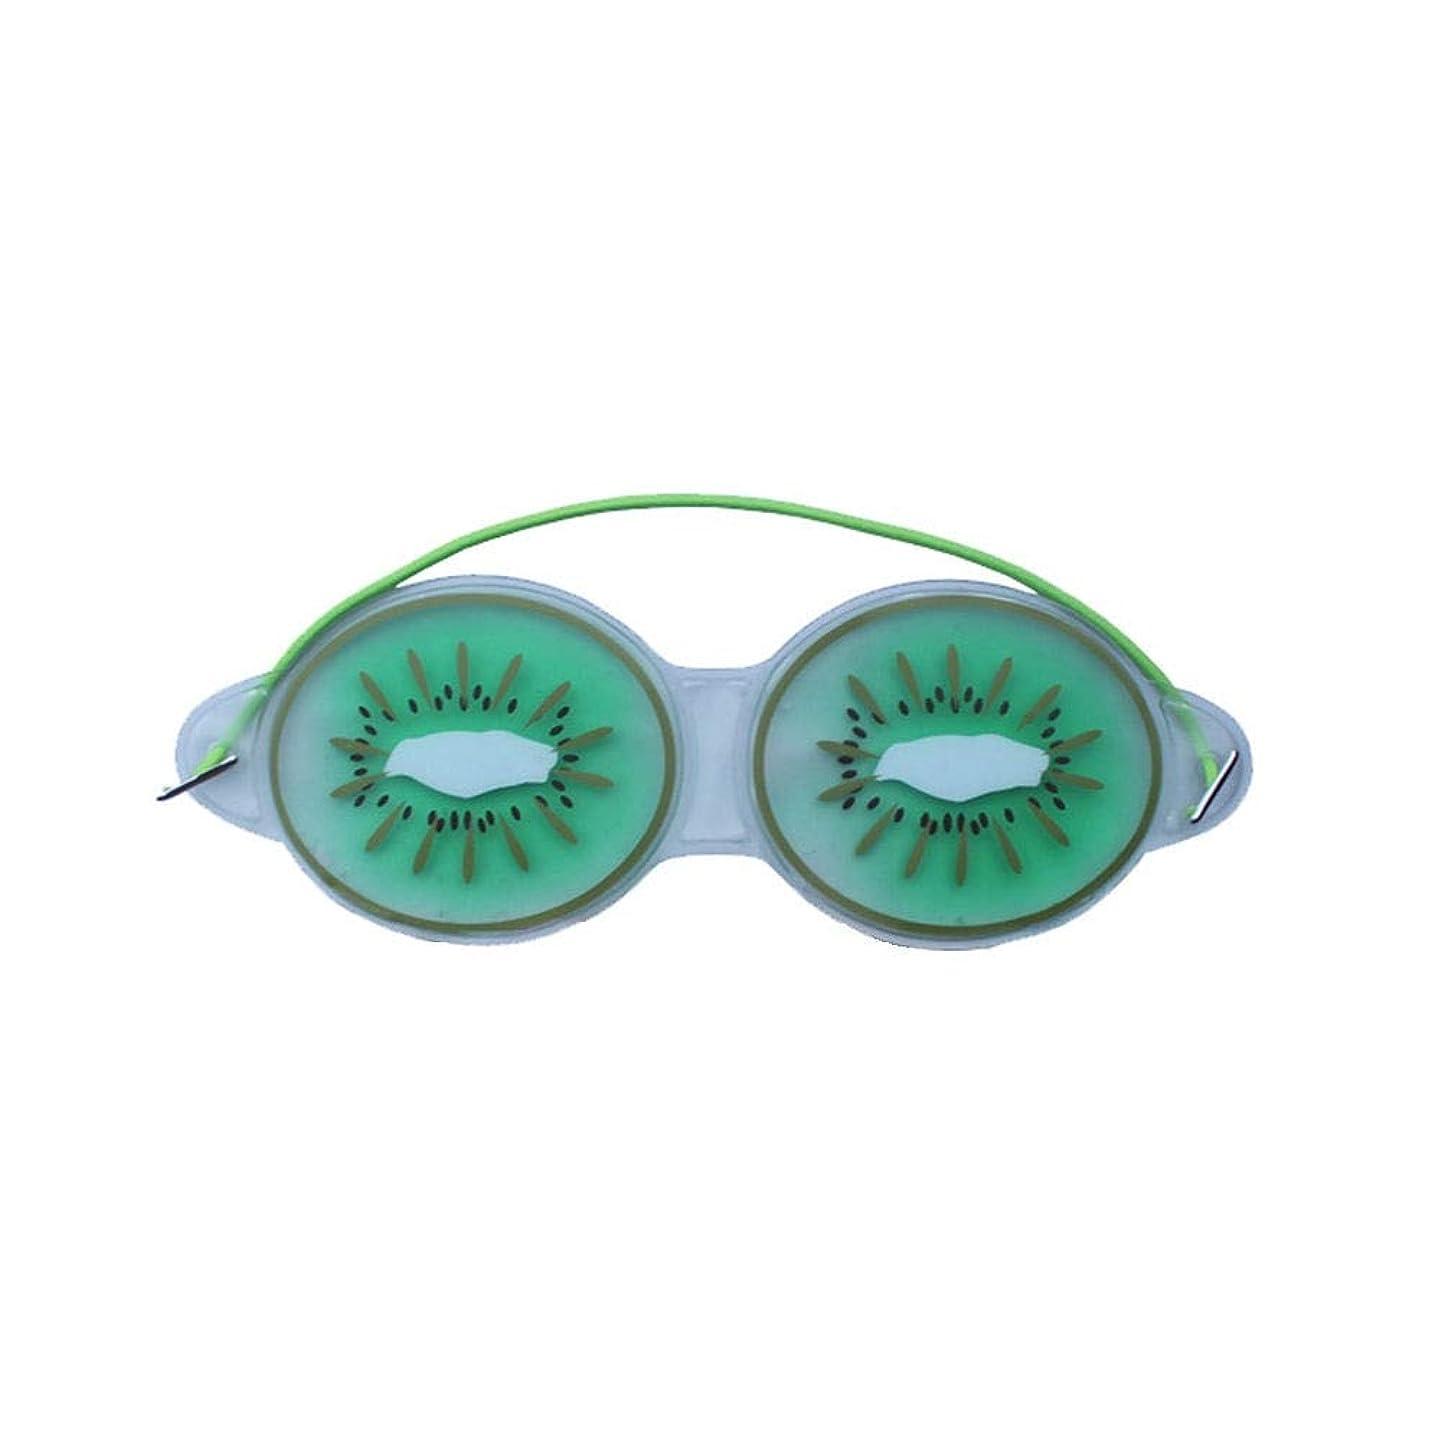 永久に手伝うサスティーンNOTE ジェルアイマスク睡眠よく圧縮かわいいフルーツジェル疲労緩和冷却アイケアリラクゼーションシールドアイケアツール